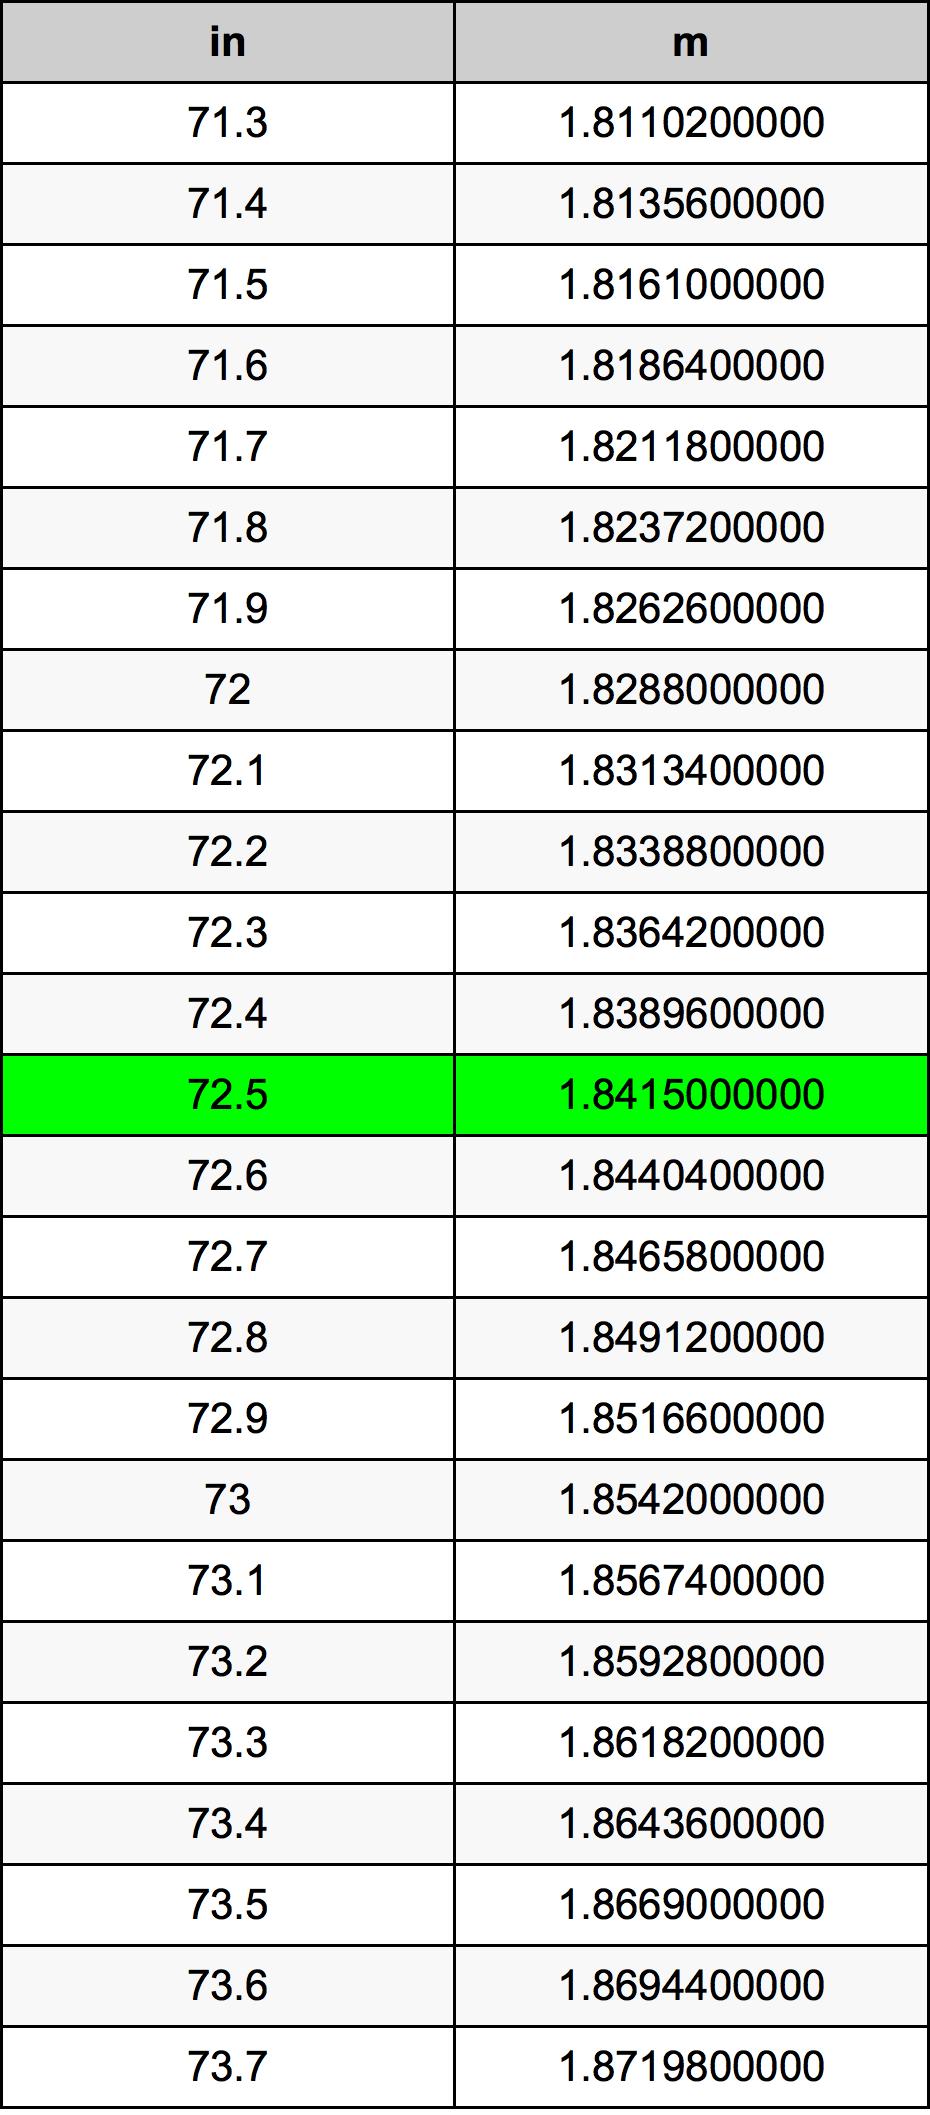 72.5 Pouce table de conversion